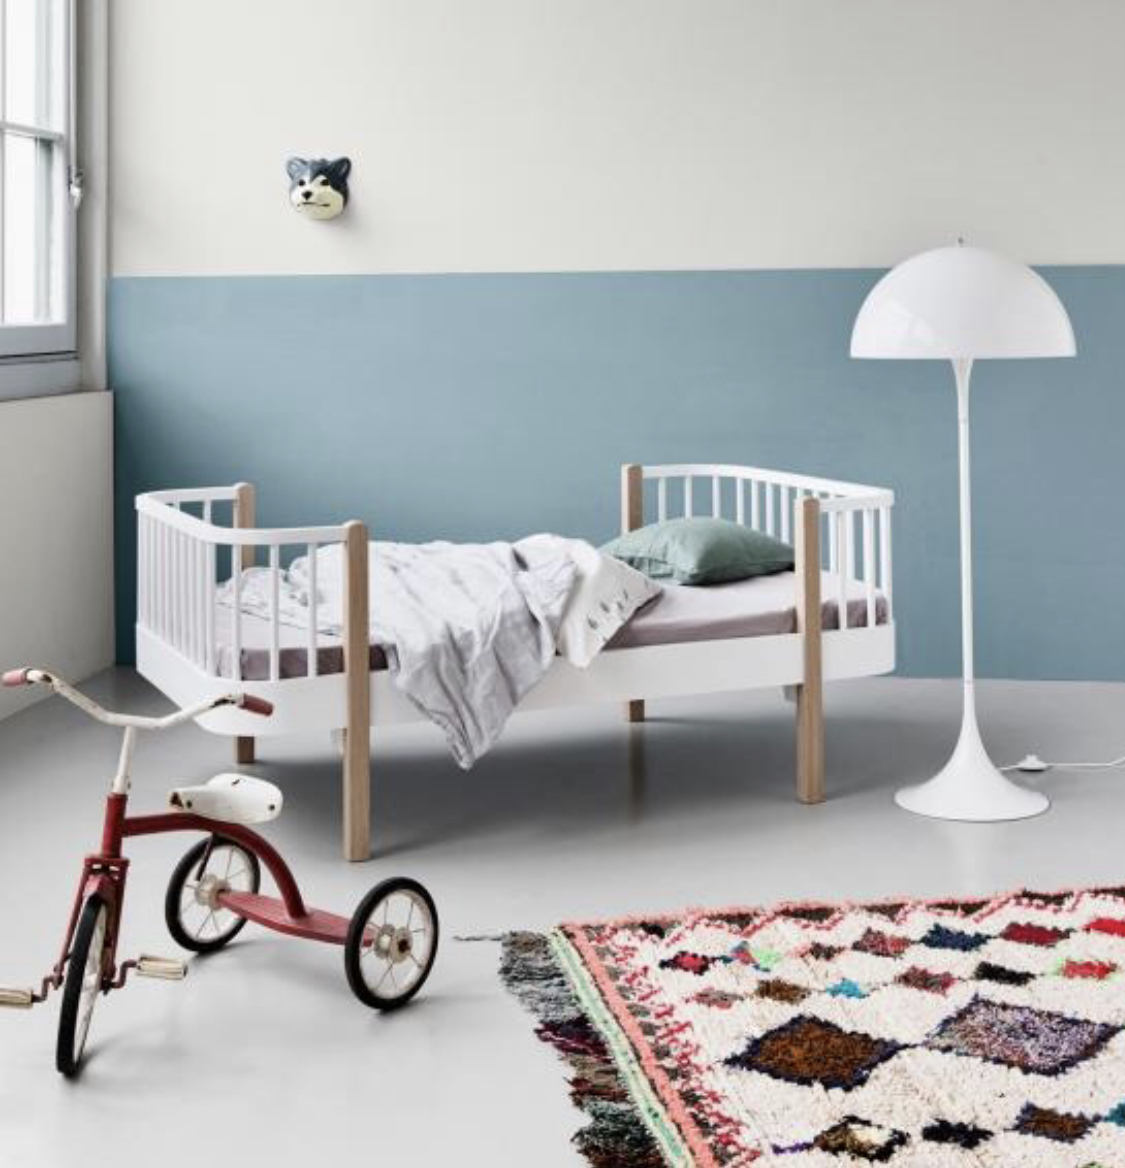 Oliver Furniture childs Bed.